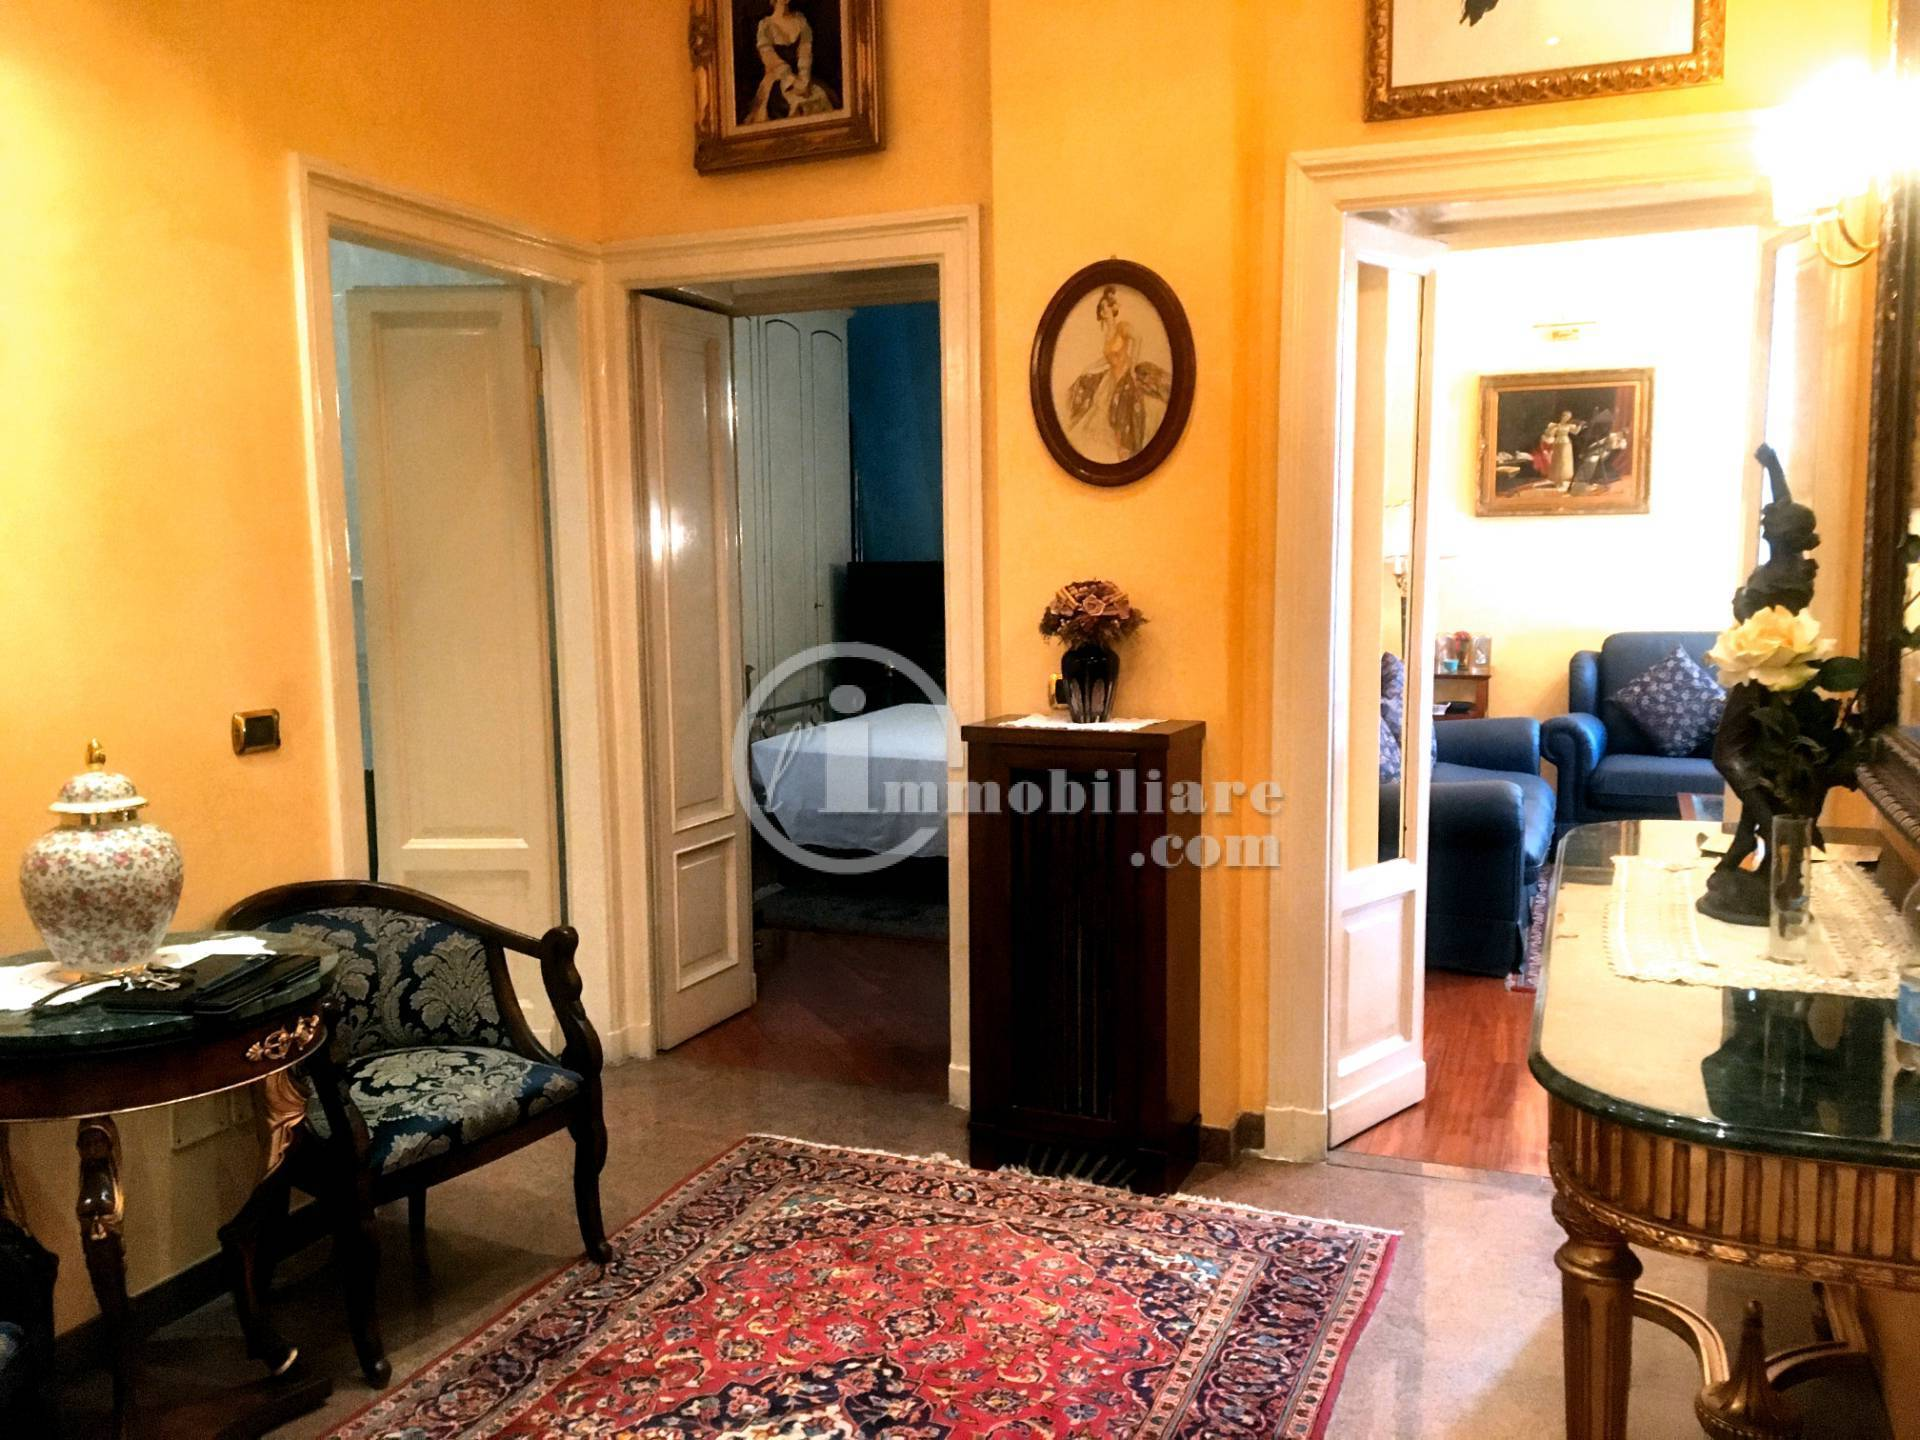 Appartamento in Vendita a Milano bastioni di porta venezia